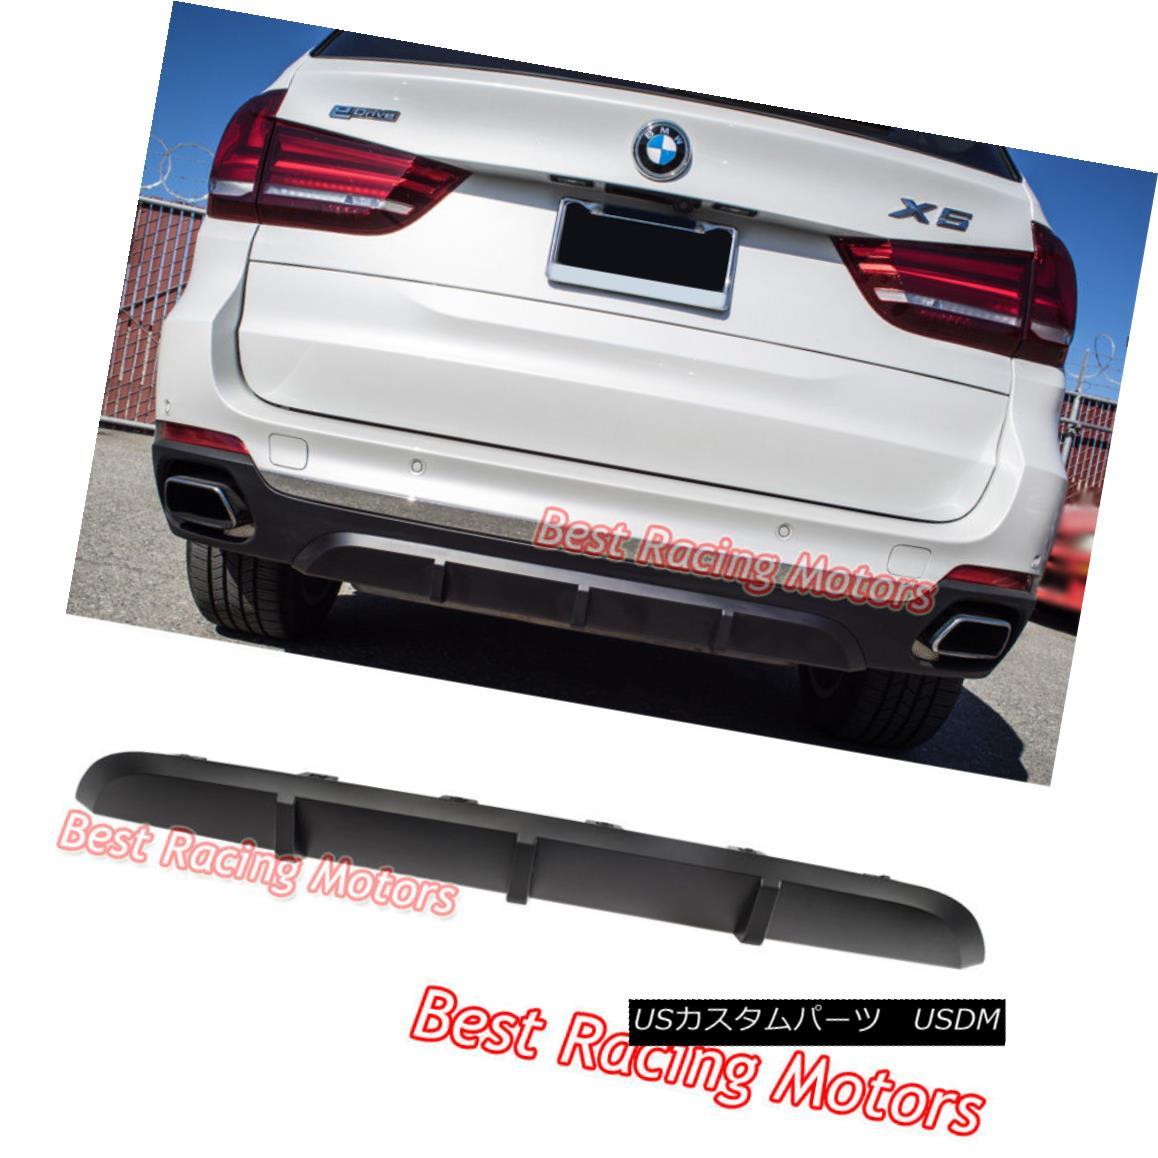 エアロパーツ Performance Style Rear Bumper Diffuser (PP) Fits 14-17 BMW F15 X5 パフォーマンススタイルリアバンパーディフューザー(PP)は14-17に適合BMW F15 X5